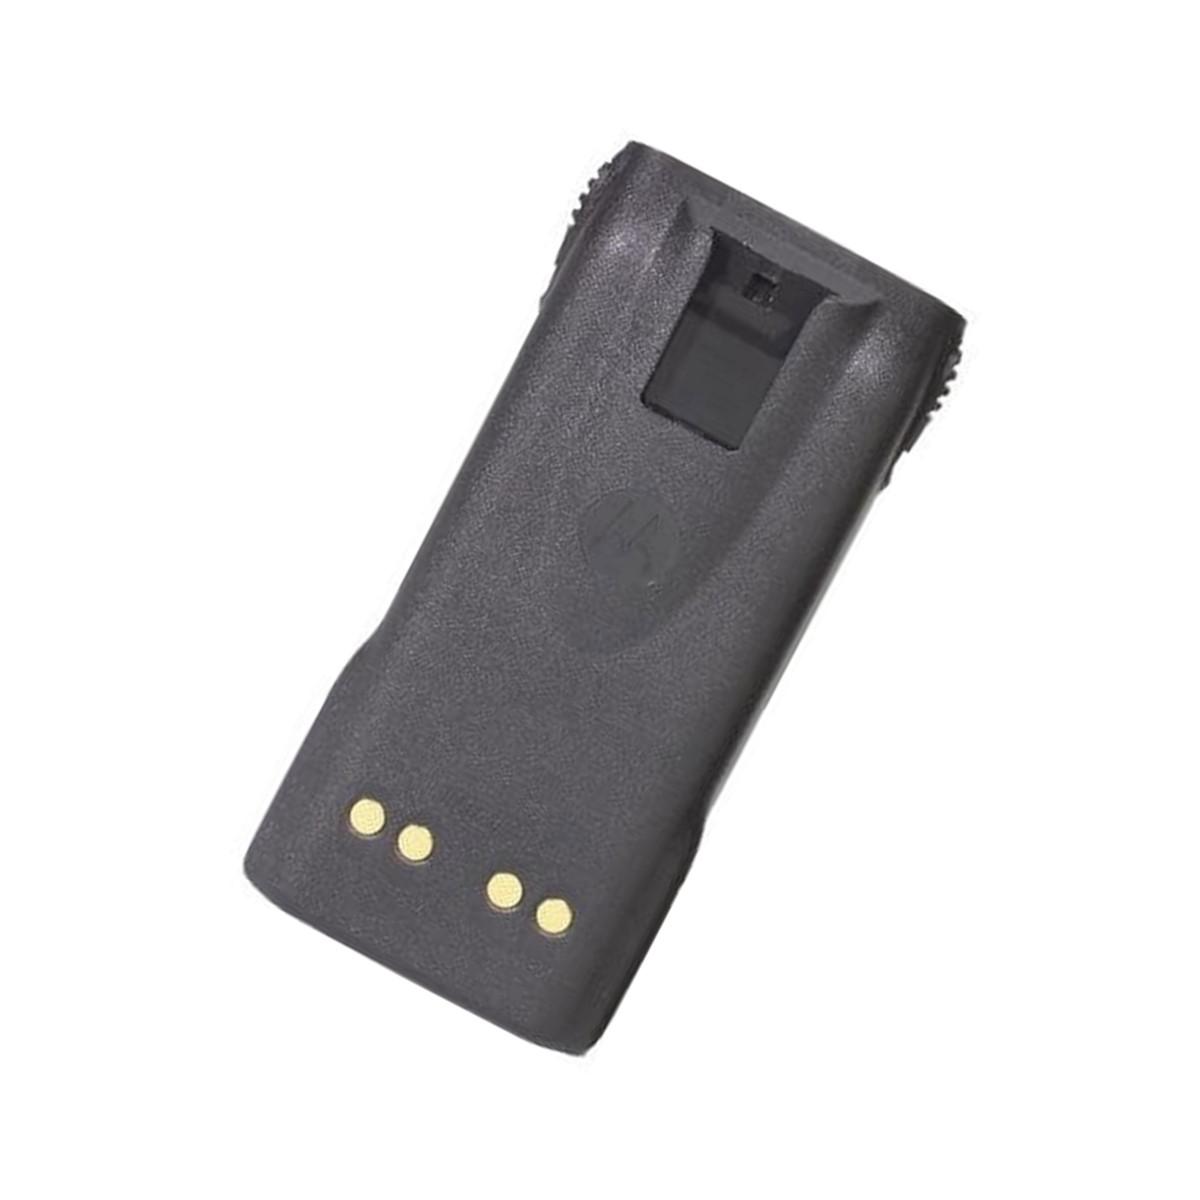 Batería Motorola Ni-MH 2000 mAh para radio XTS2500 NNTN6263